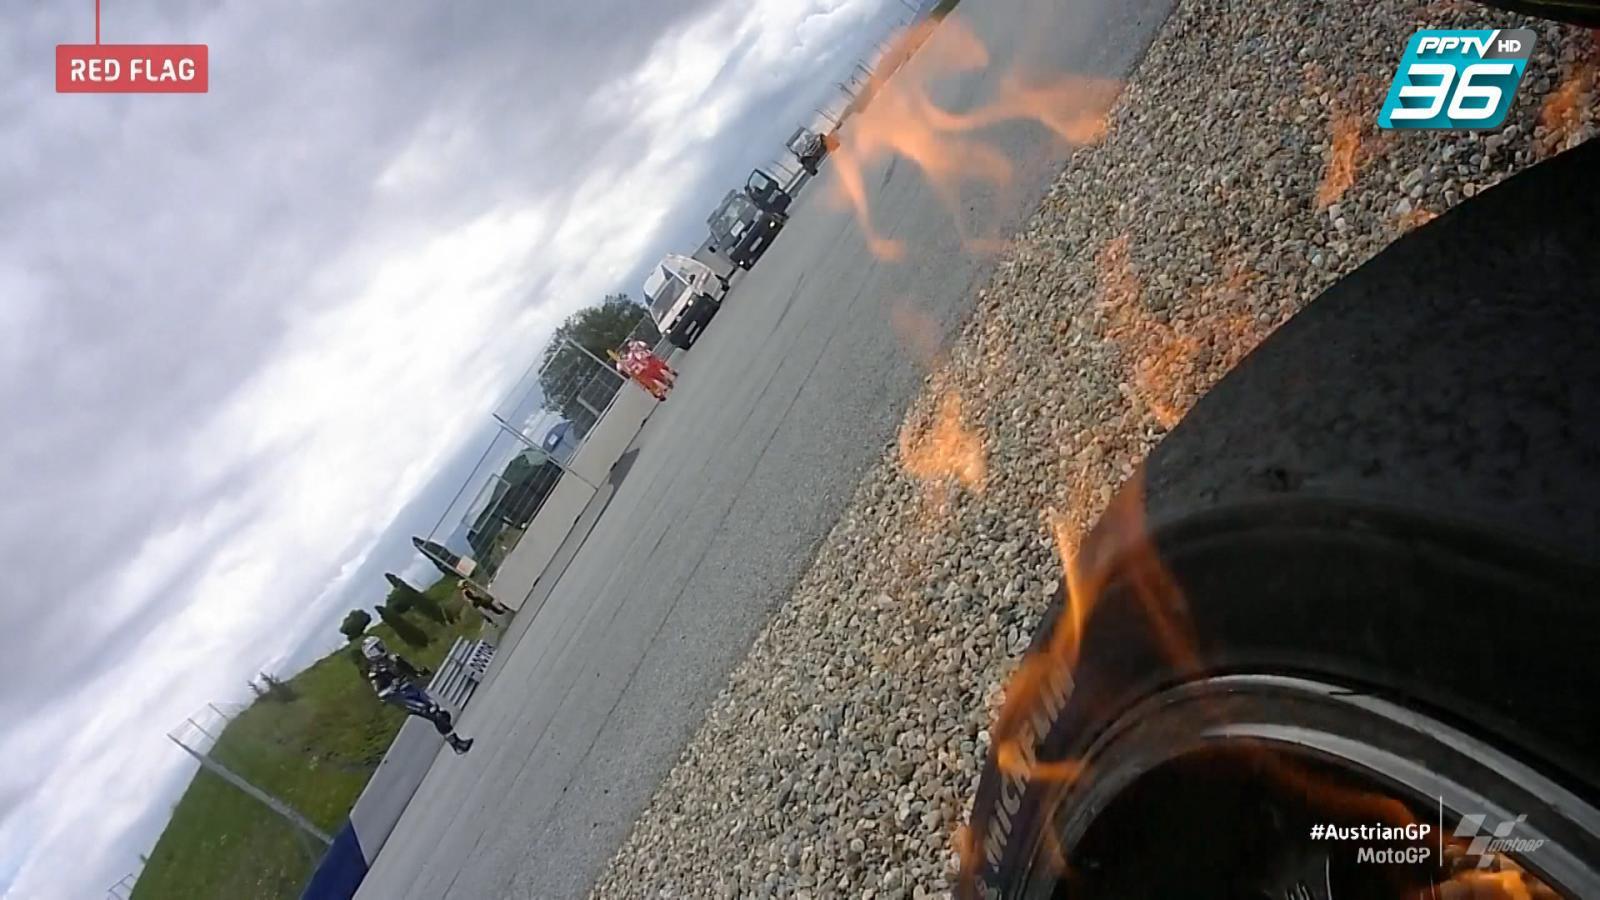 Maverick Viñales สละตัวรถทิ้งกระโดดลงจากรถ ก่อนไฟลุกไหม้